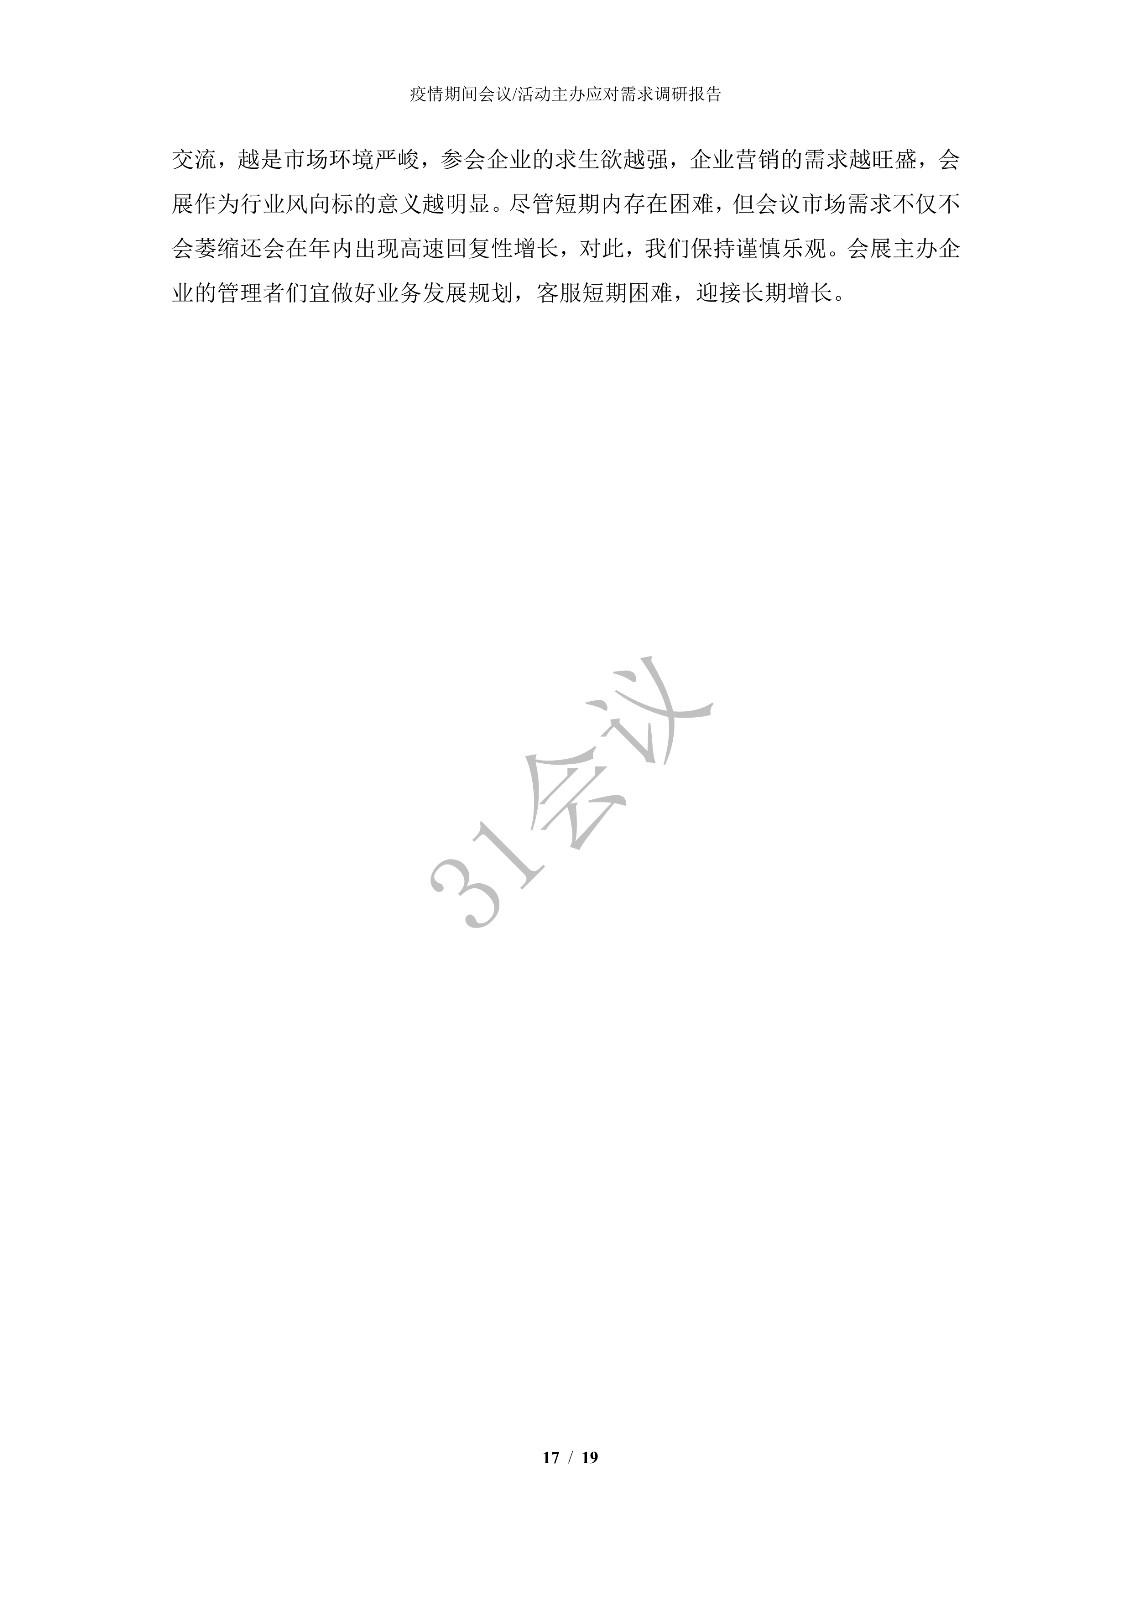 新型冠状病毒肺炎疫情期间 会议活动主办应对需求调研报告_16.jpg